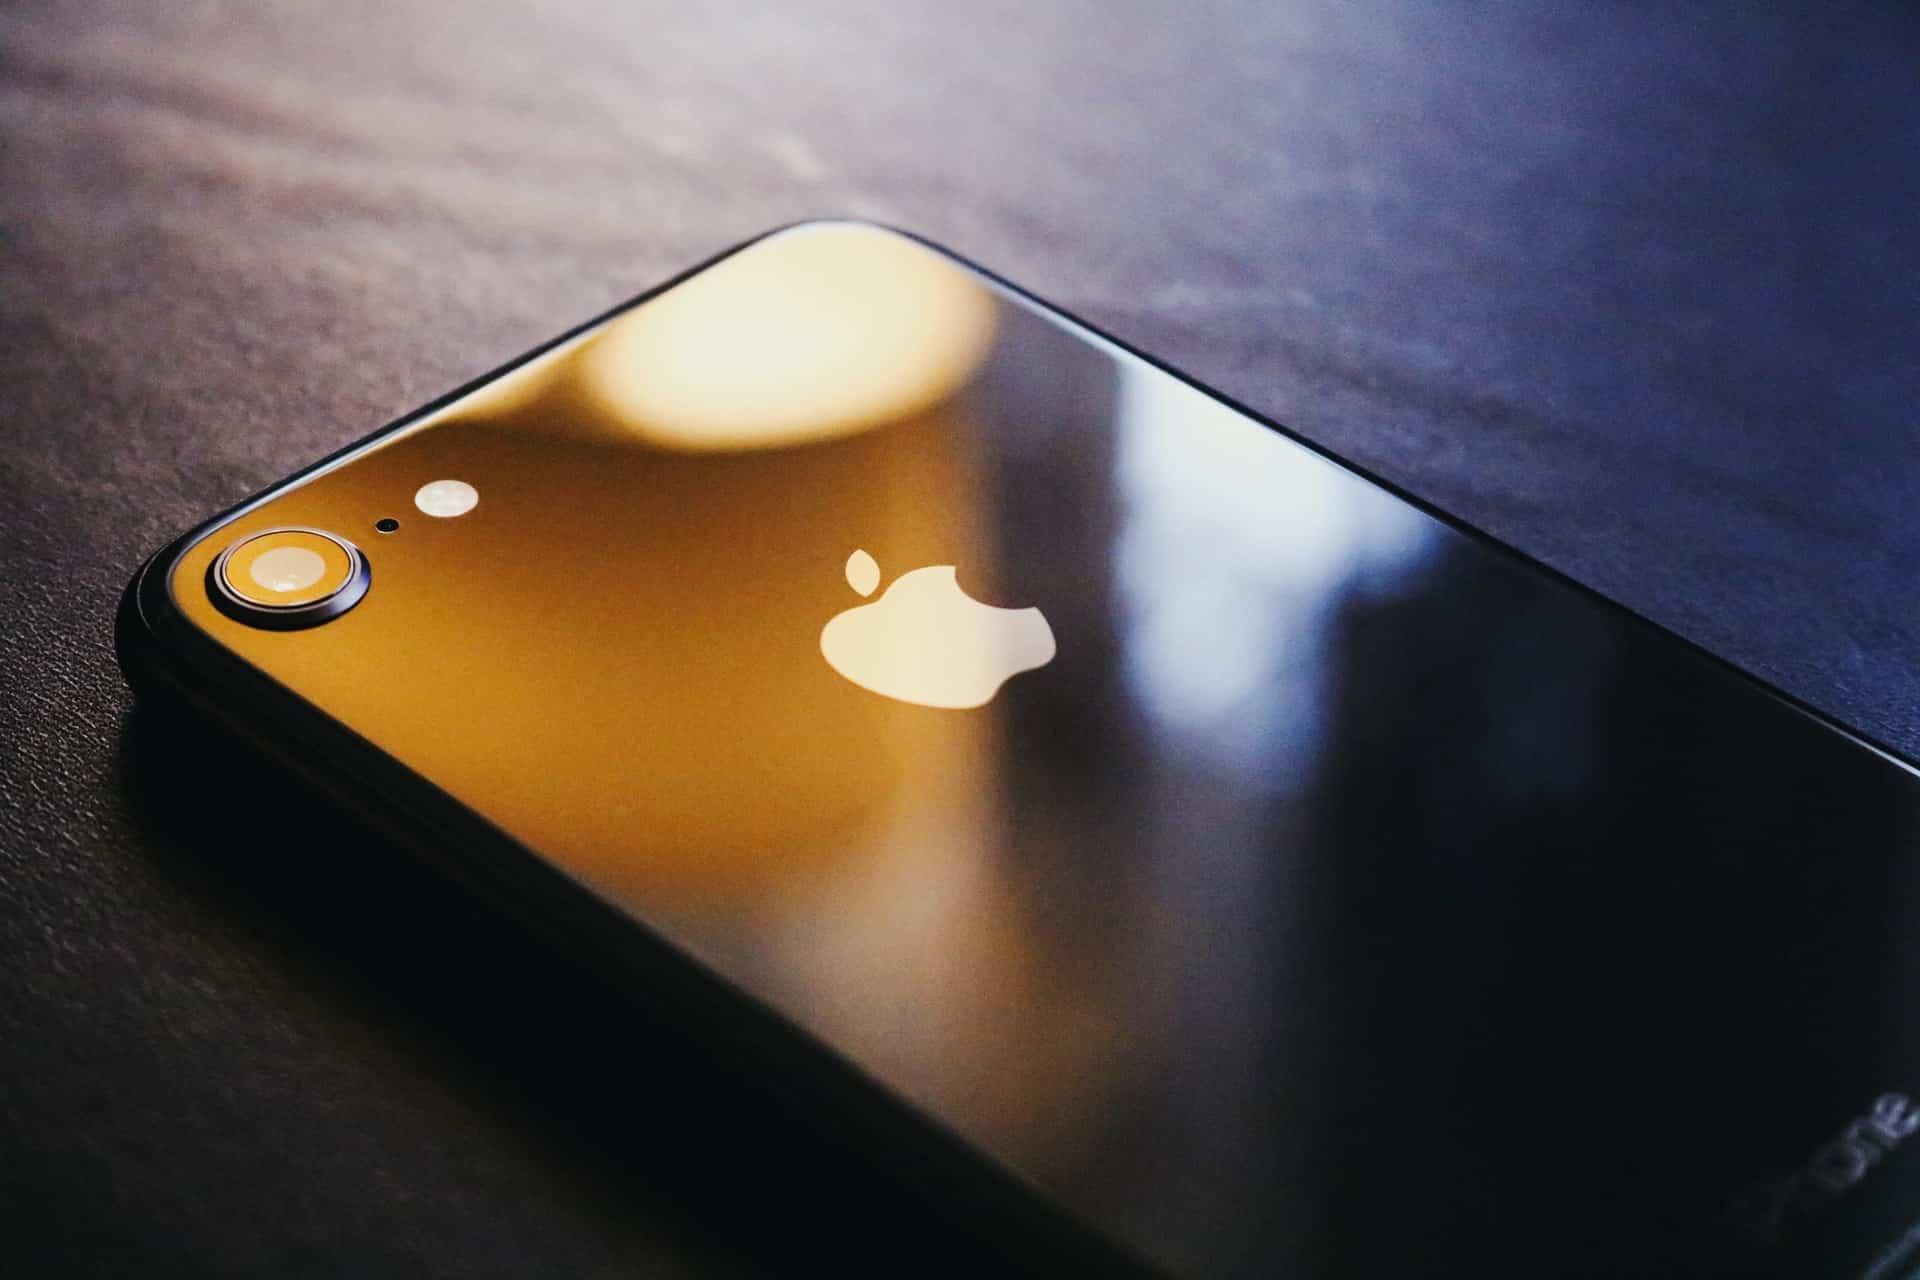 Best iPhone Microphones Header Image